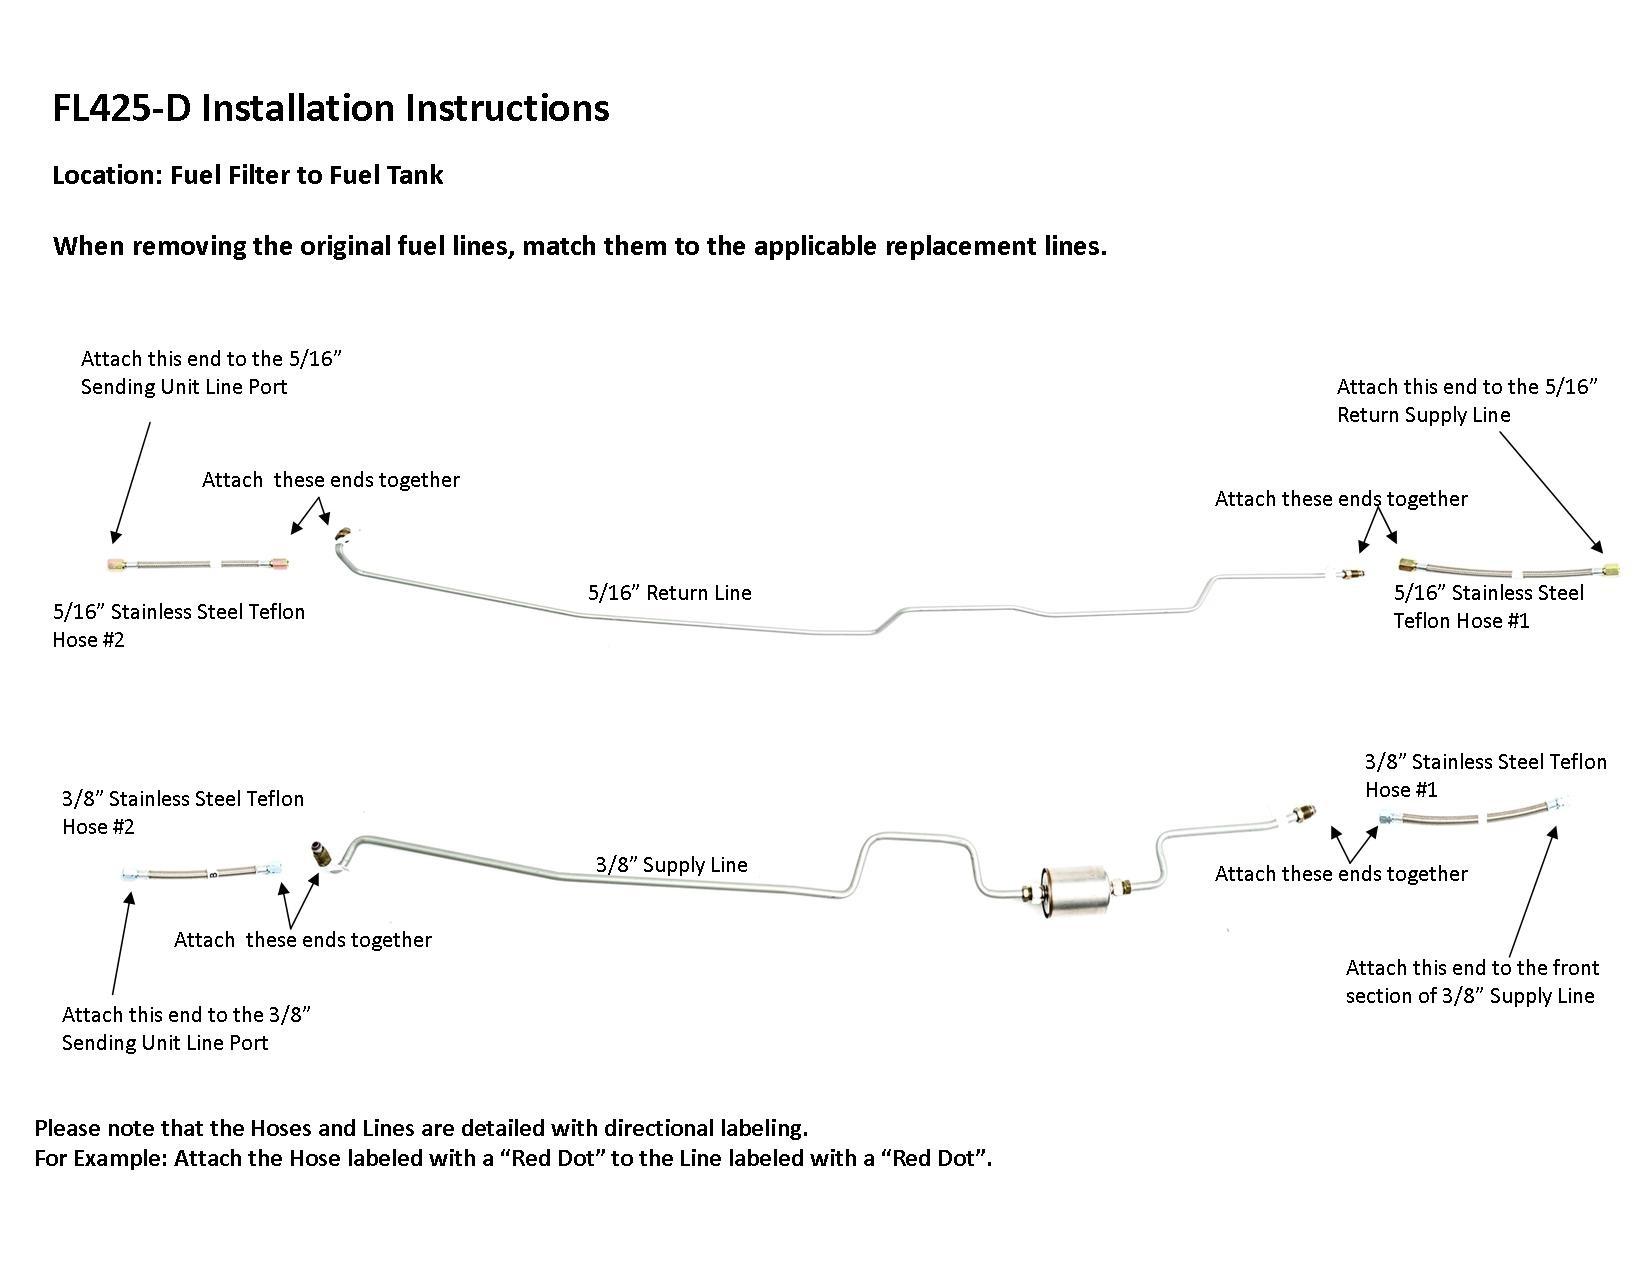 92-03-s10-sonoma-installation-instruction-fl425-d.jpg